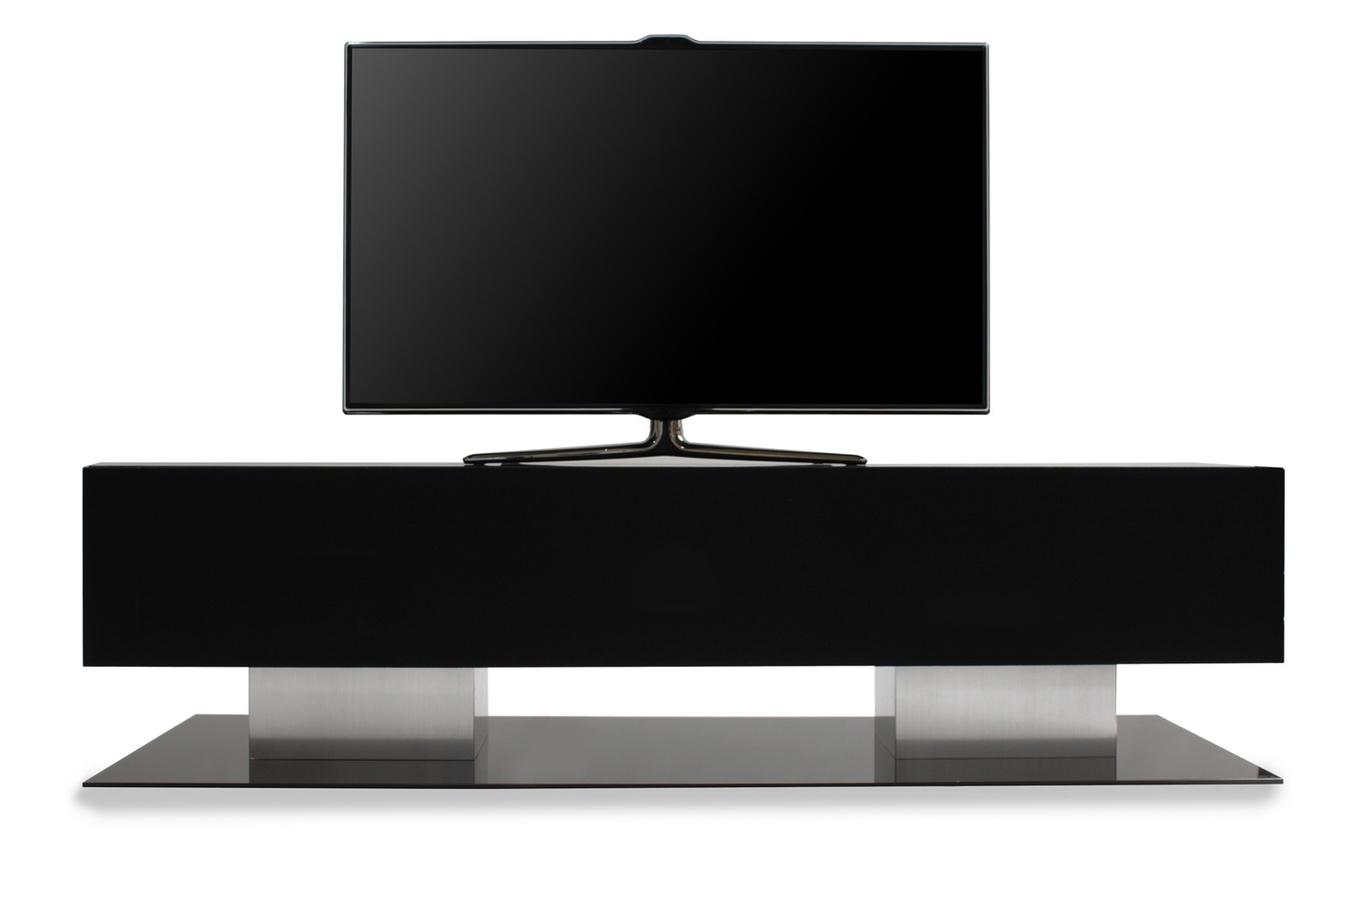 Meuble Tv Norstone Maison Et Mobilier D Int Rieur # Meuble Tv Norstone